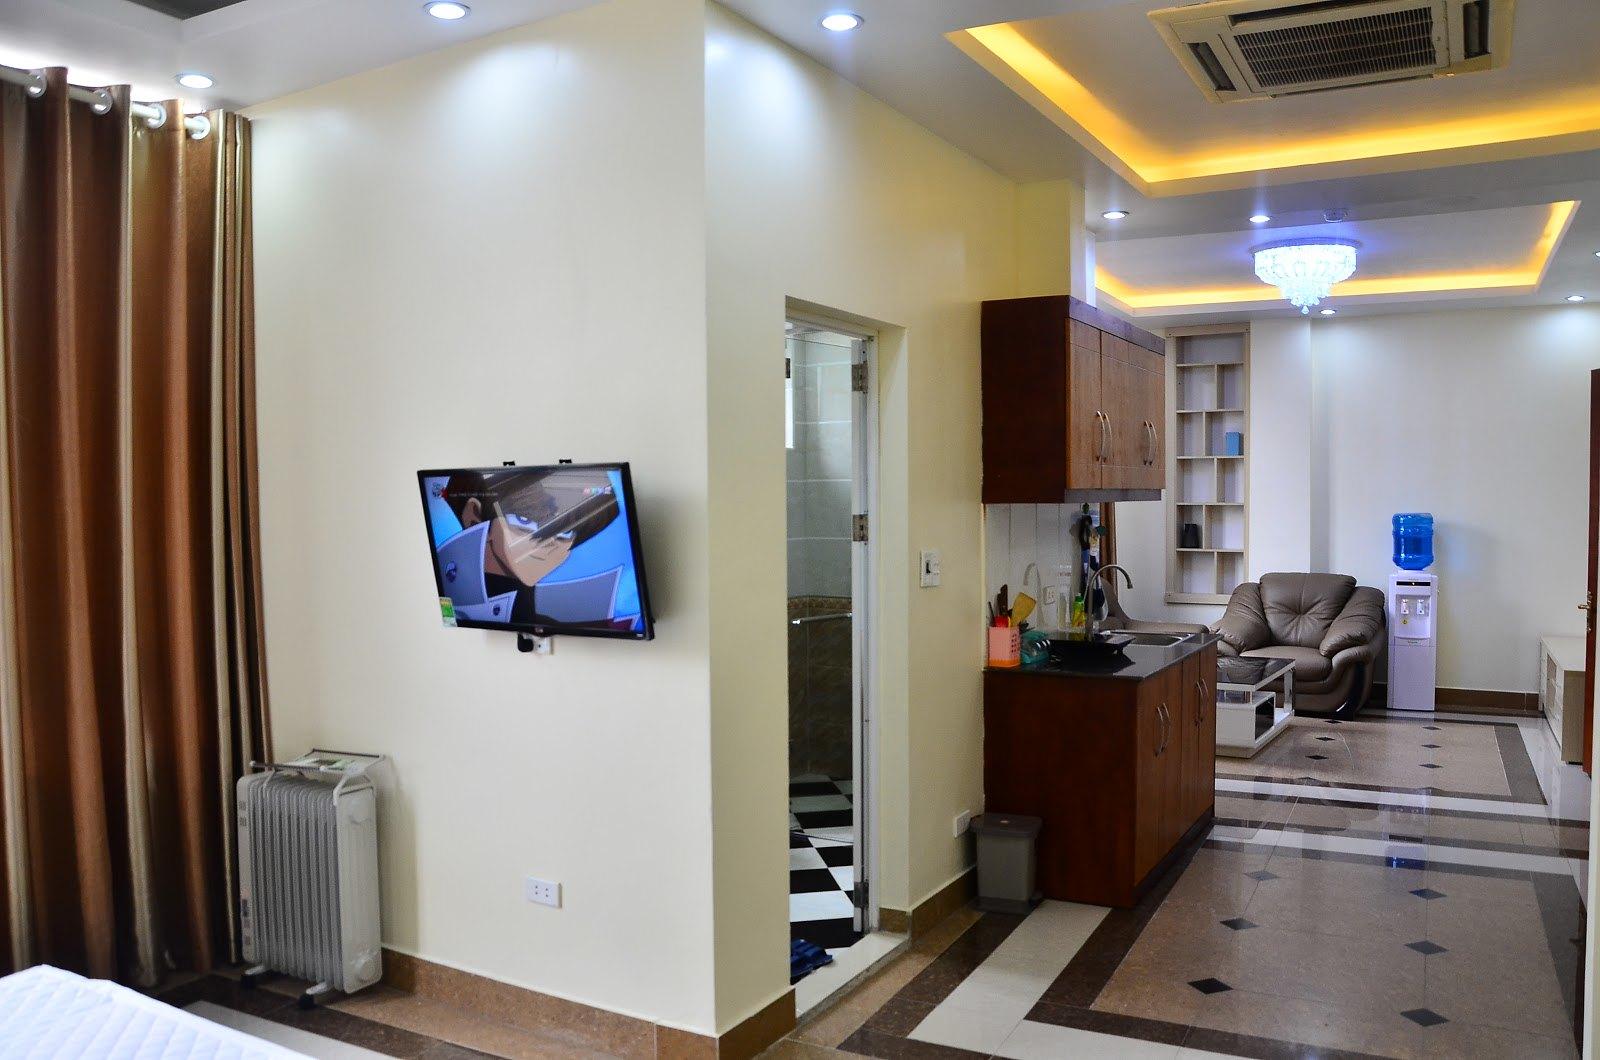 """Căn hộ cho thuê tại Hải Phòng - Thiết kế không gian tại khách sạn căn hộ Lake2  <img src=""""images/"""" width="""""""" height="""""""" alt=""""Công ty Bất Động Sản Tanlong Land"""">"""